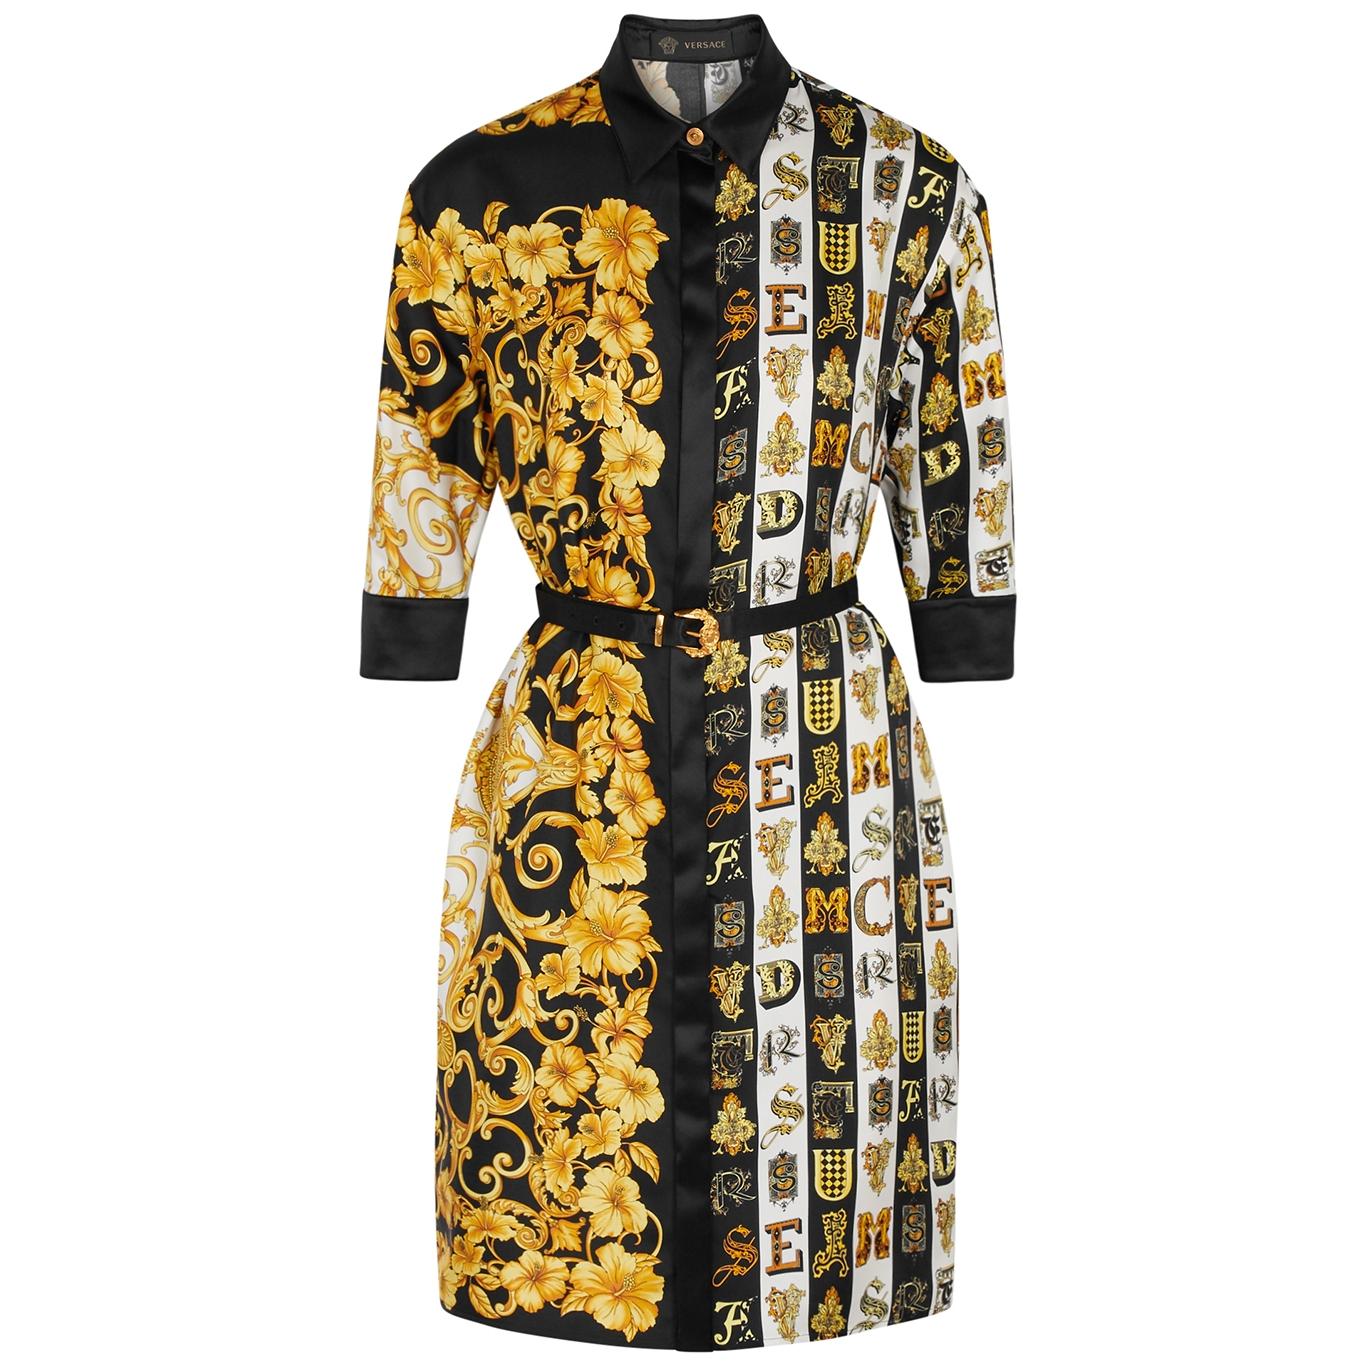 f9351d09f26a Versace Baroque-print silk-twill shirt dress - Harvey Nichols